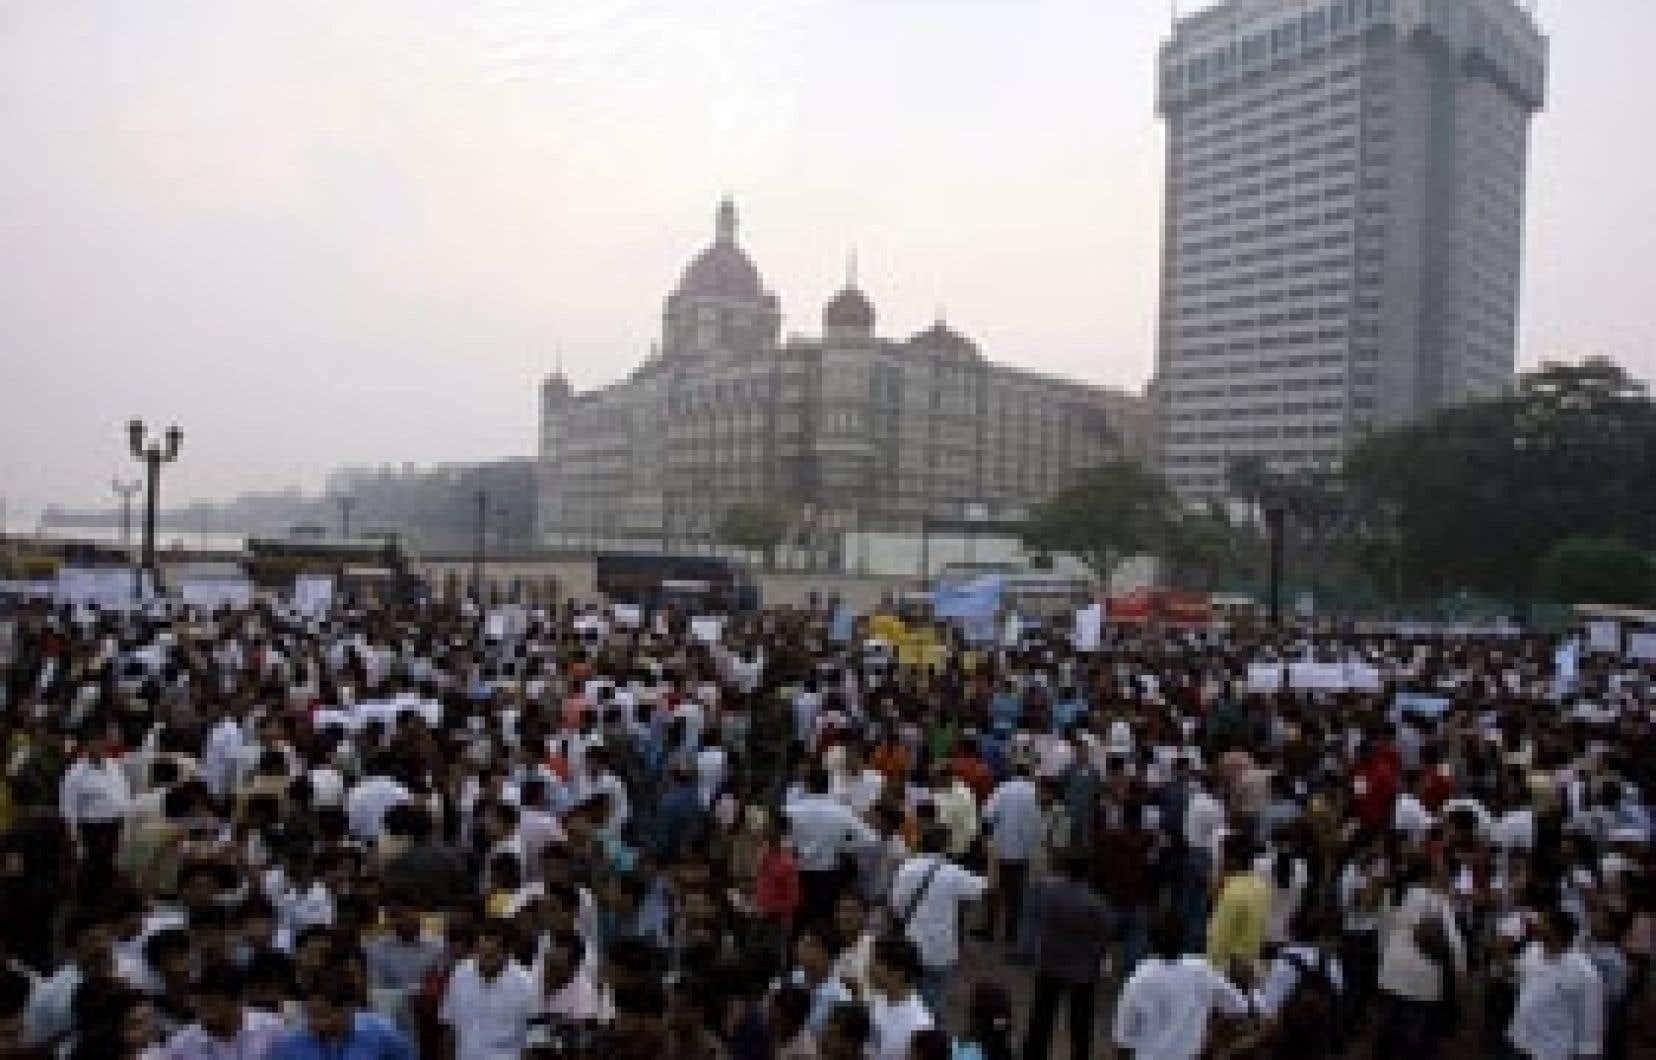 L'hôtel Taj Mahal a été le site d'une grande manifestation antiterroriste hier.